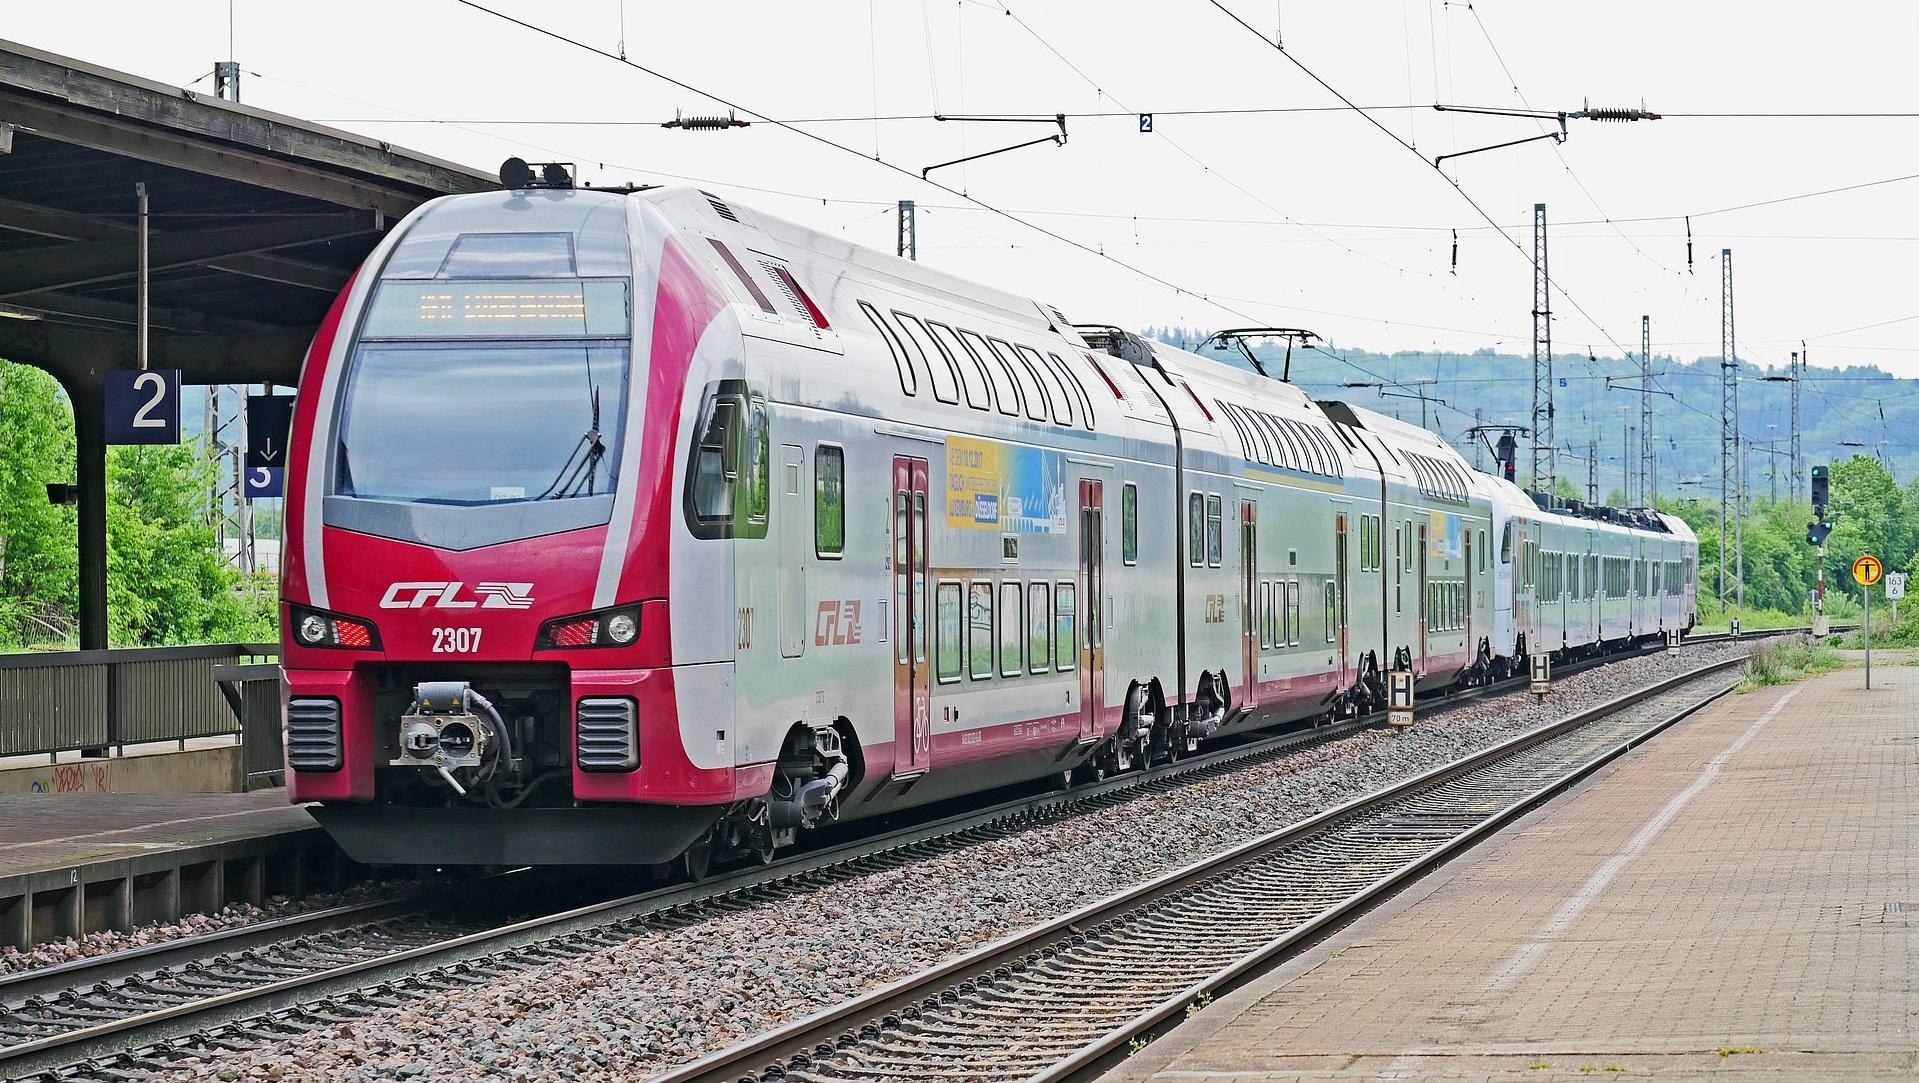 La solución a la movilidad de Luxemburgo: transporte público gratuito